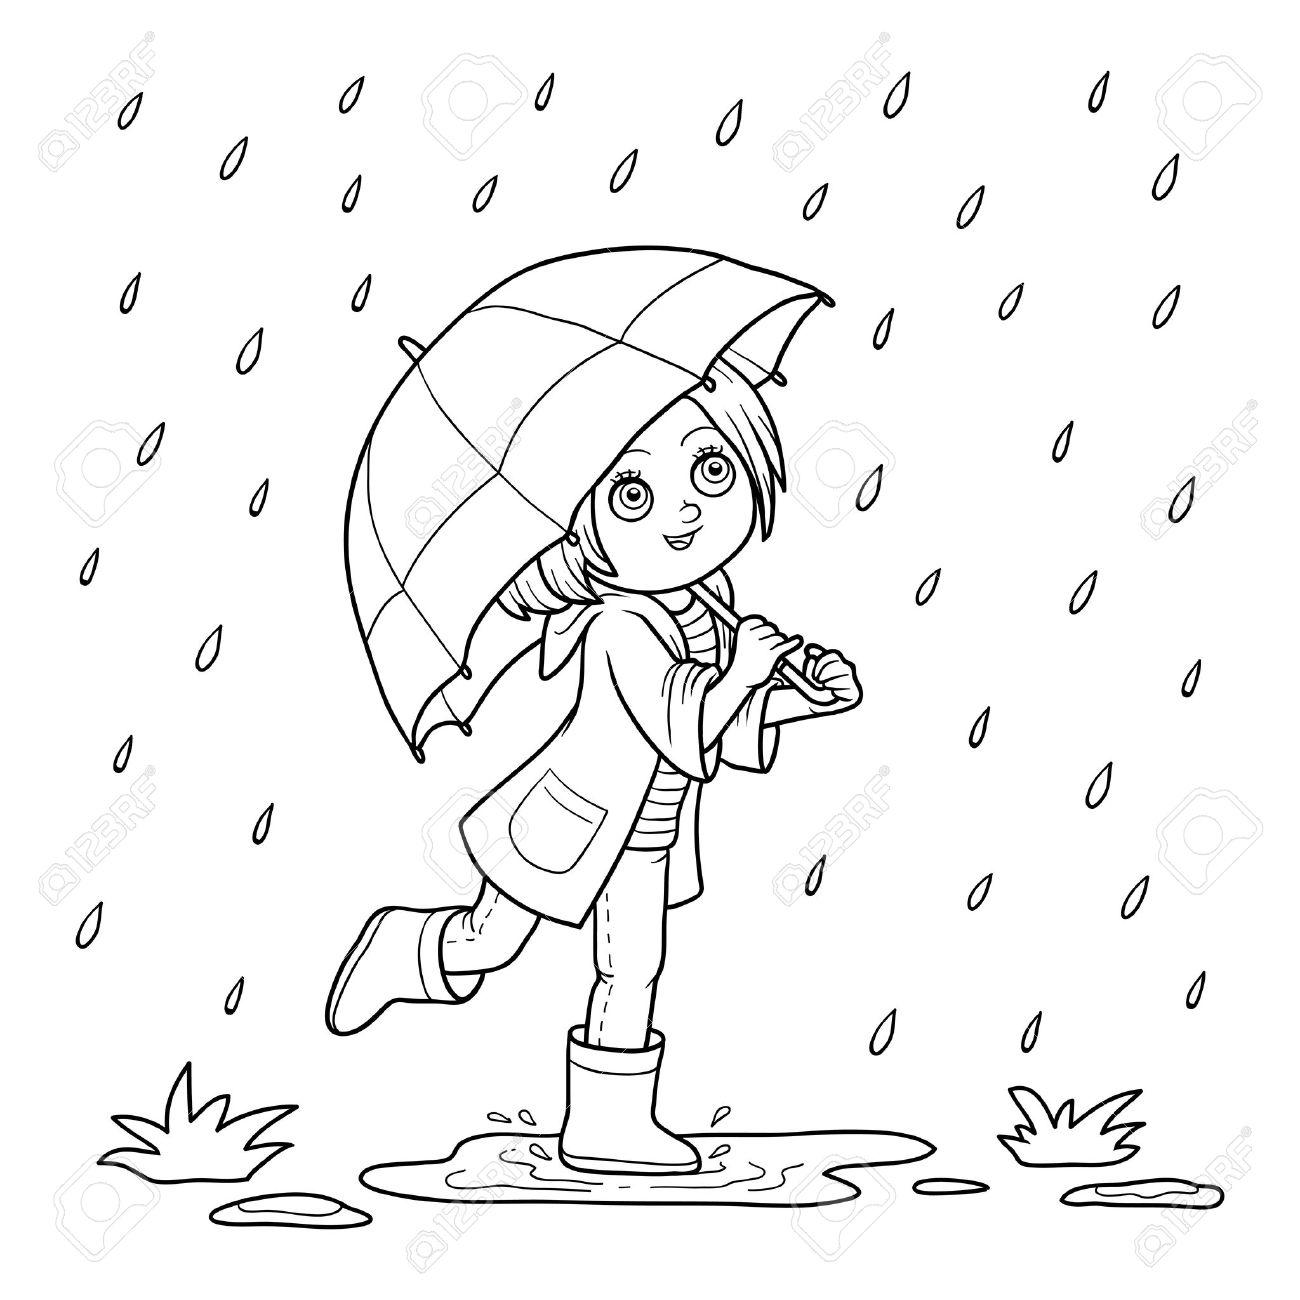 Coloriage Petite Fille Parapluie.Livre A Colorier Pour Les Enfants Fille Courir Avec Un Parapluie Sous La Pluie